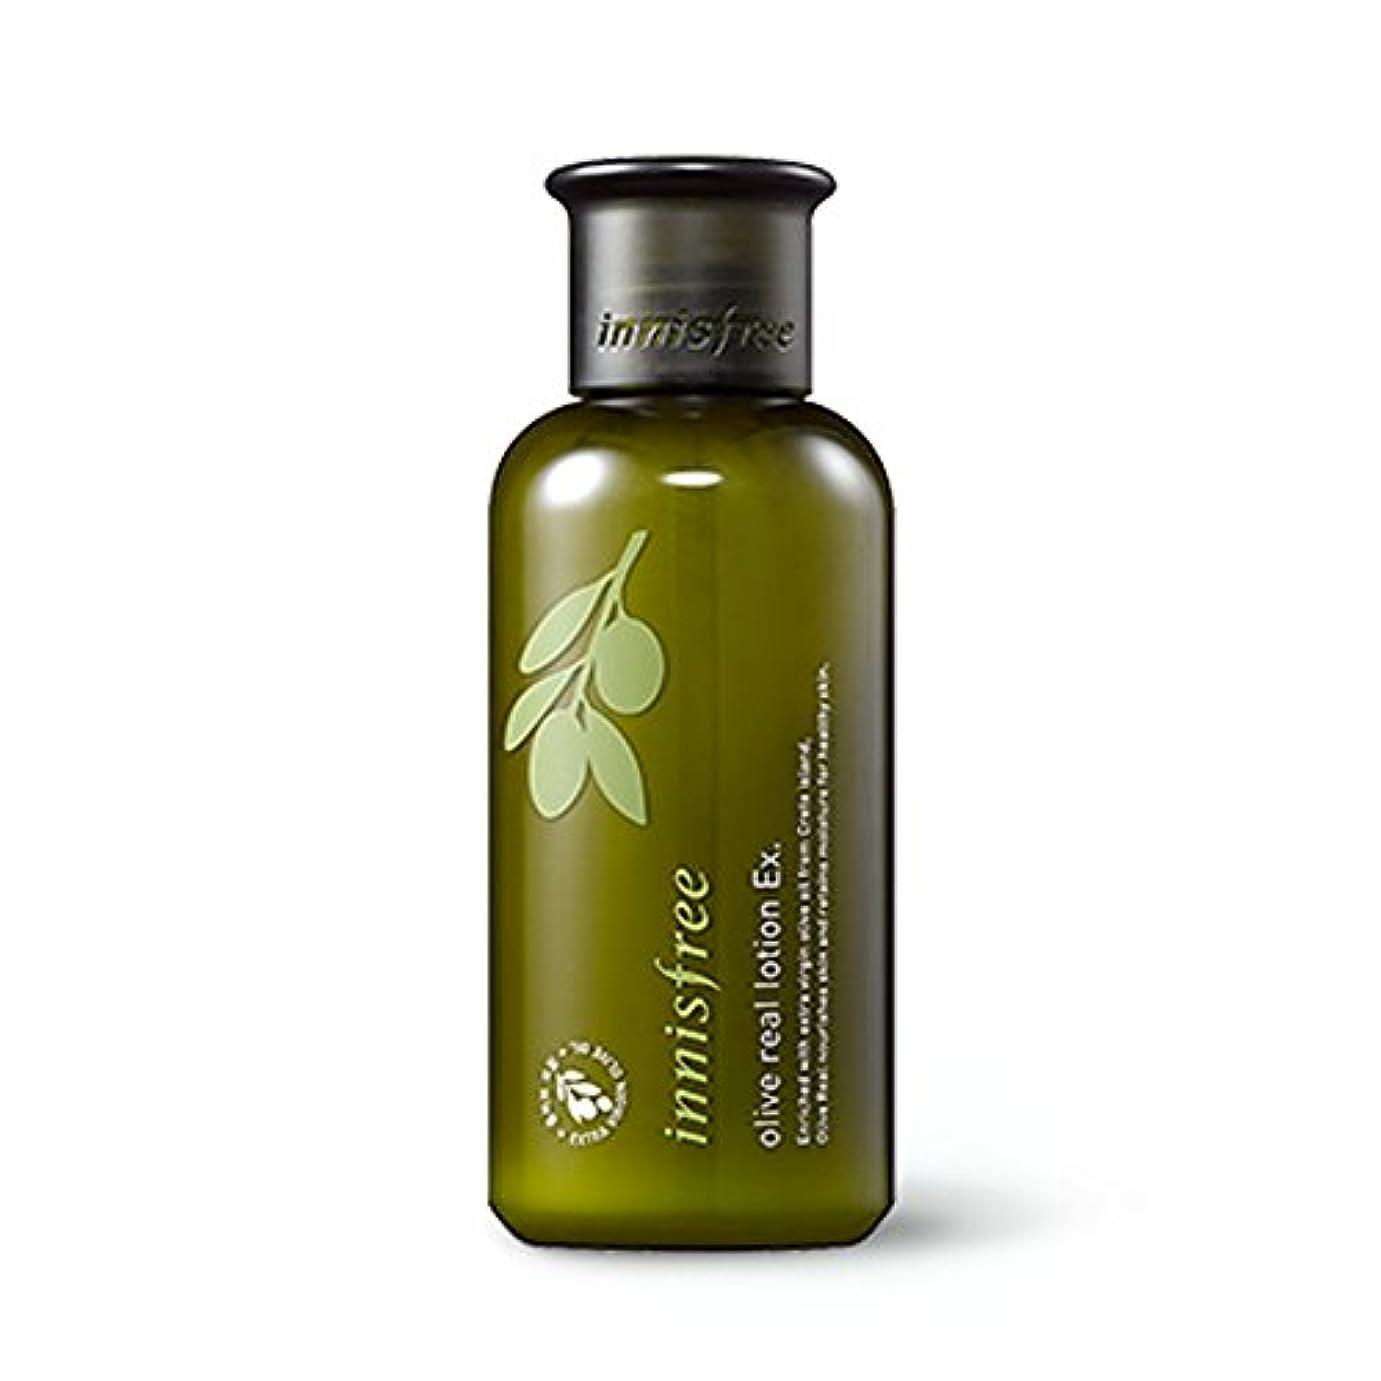 サーフィン対処アレルギー性イニスフリーオリーブリアルローションEx 160ml / innisfree Olive Real Lotion Ex 160ml [海外直送品][並行輸入品]